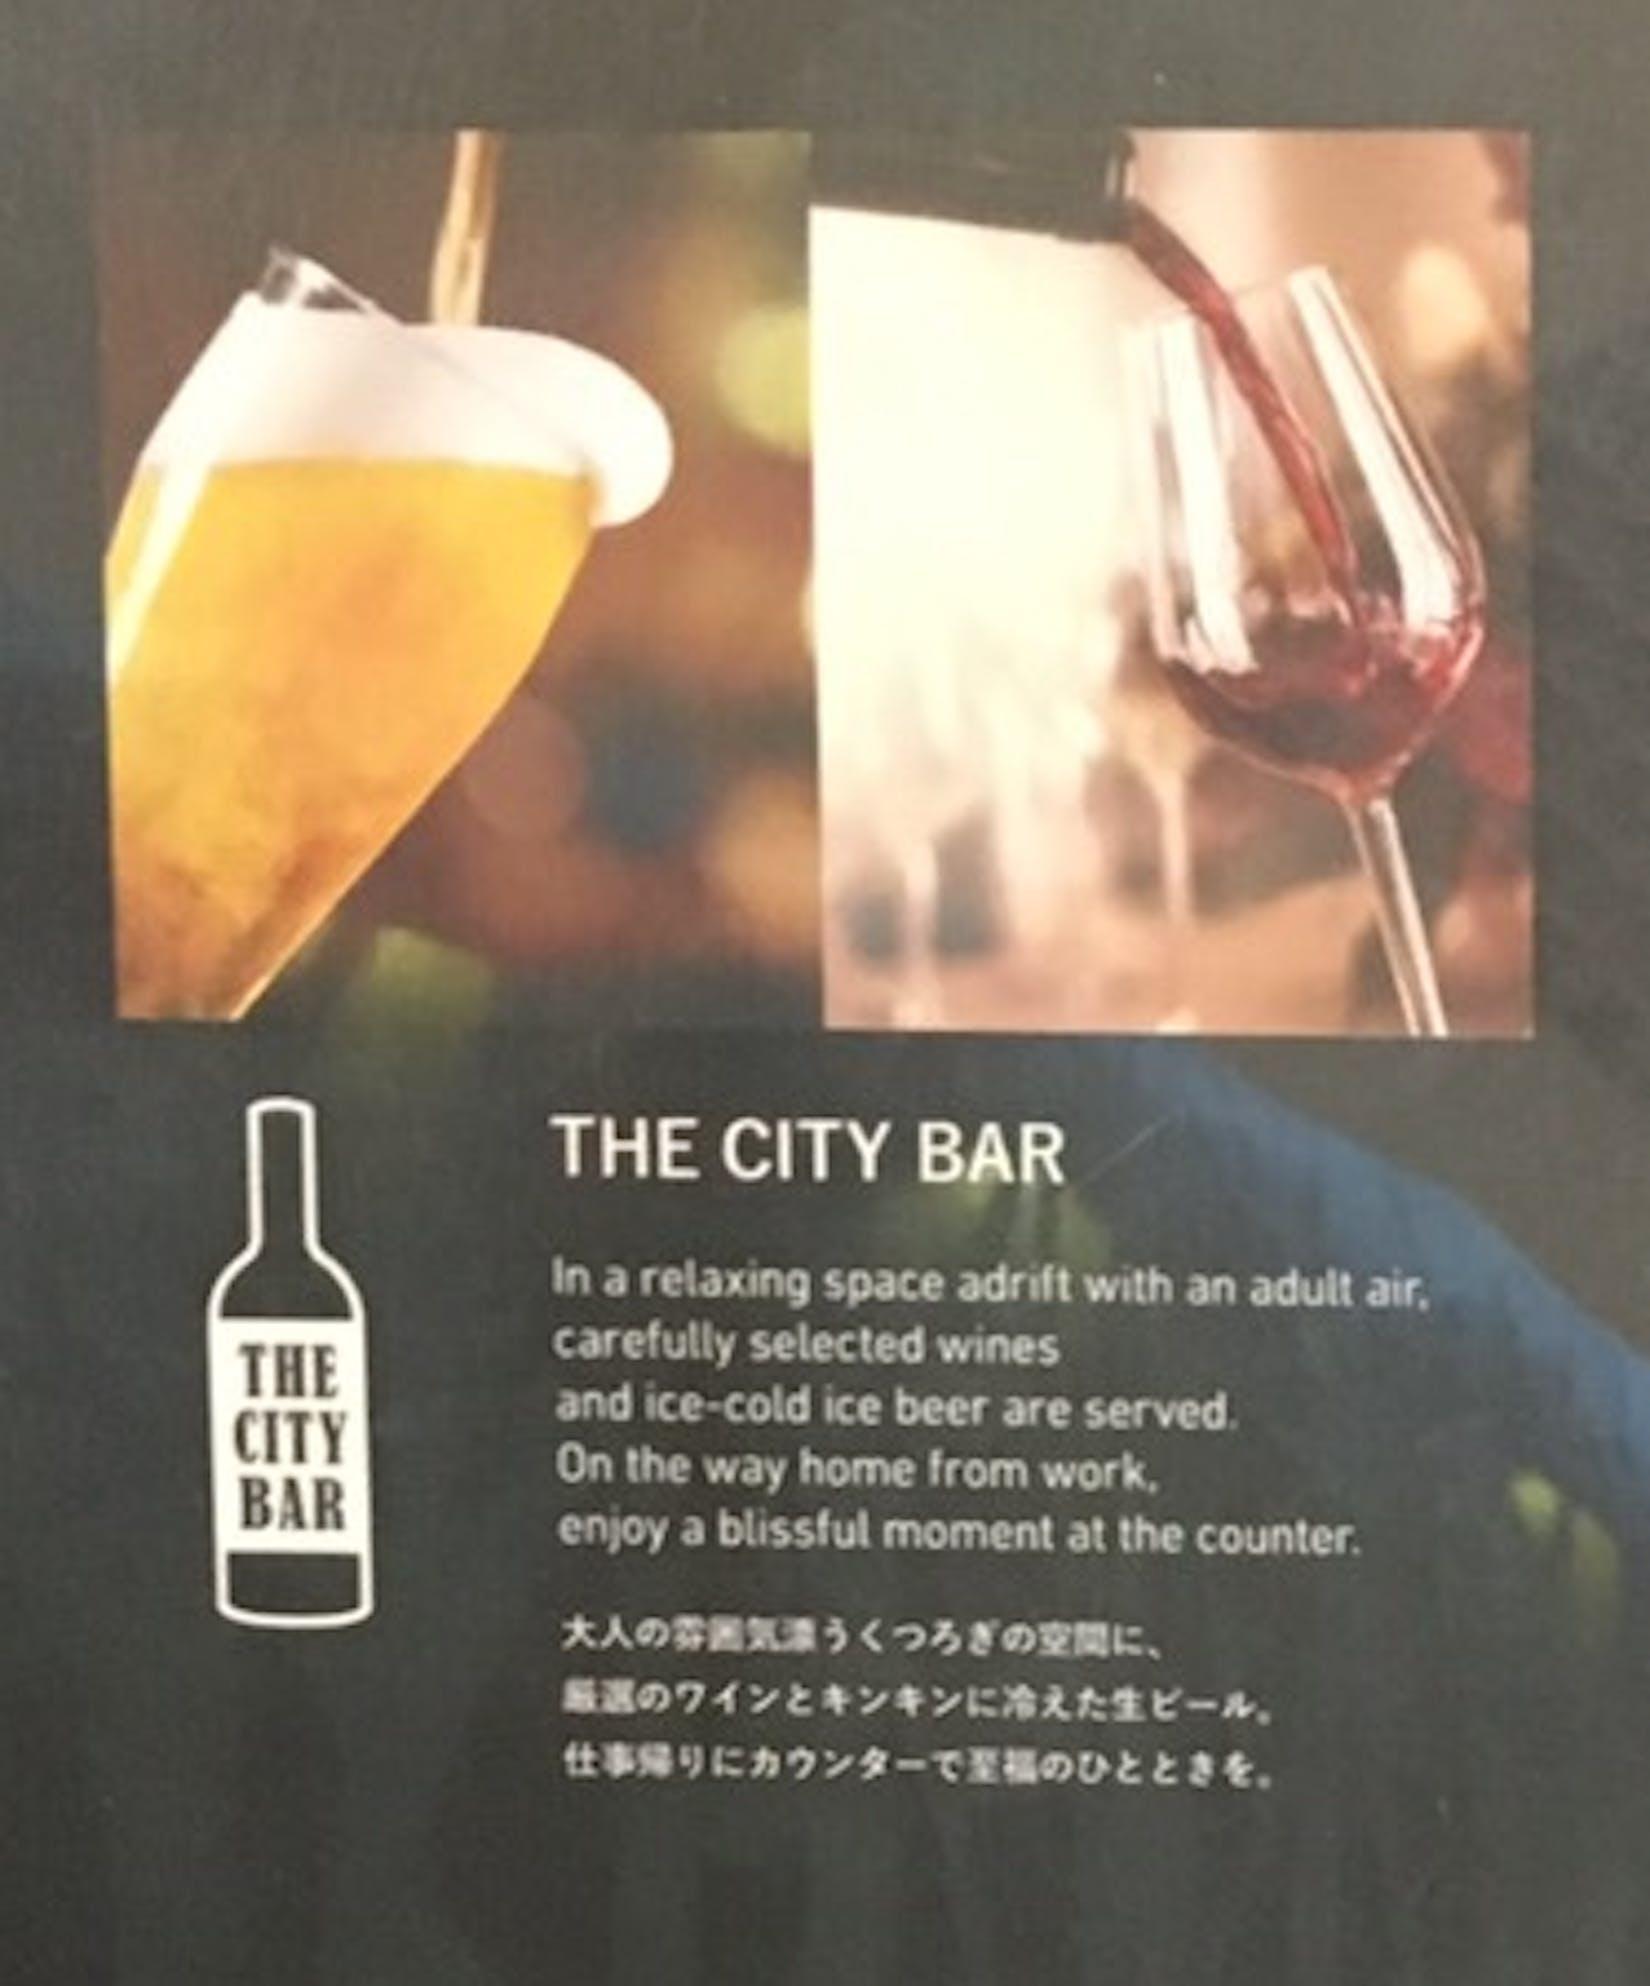 THE CITY BAR | yathar